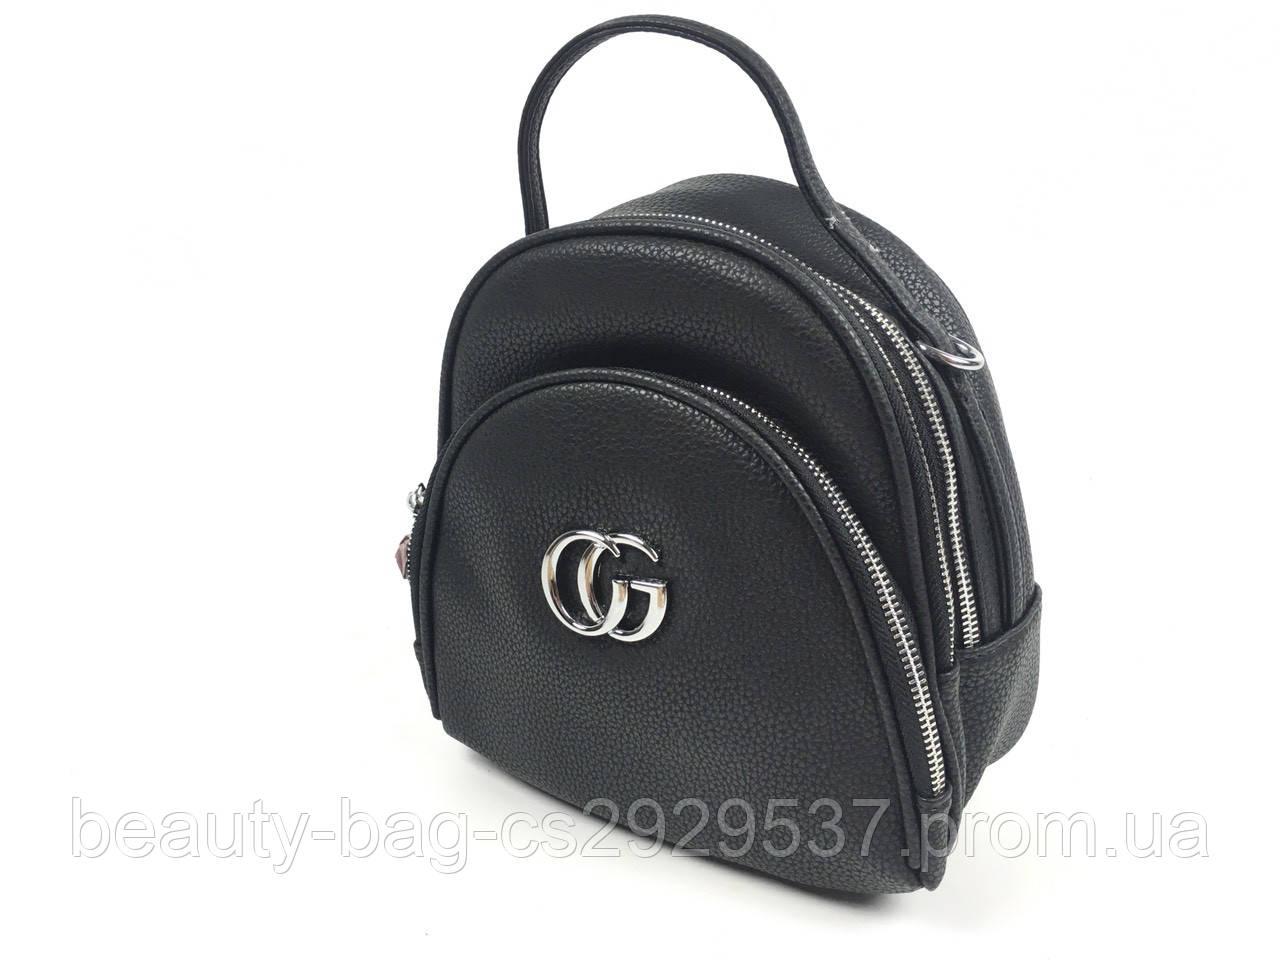 Рюкзак молодежный каркасный QN-1078 black черный